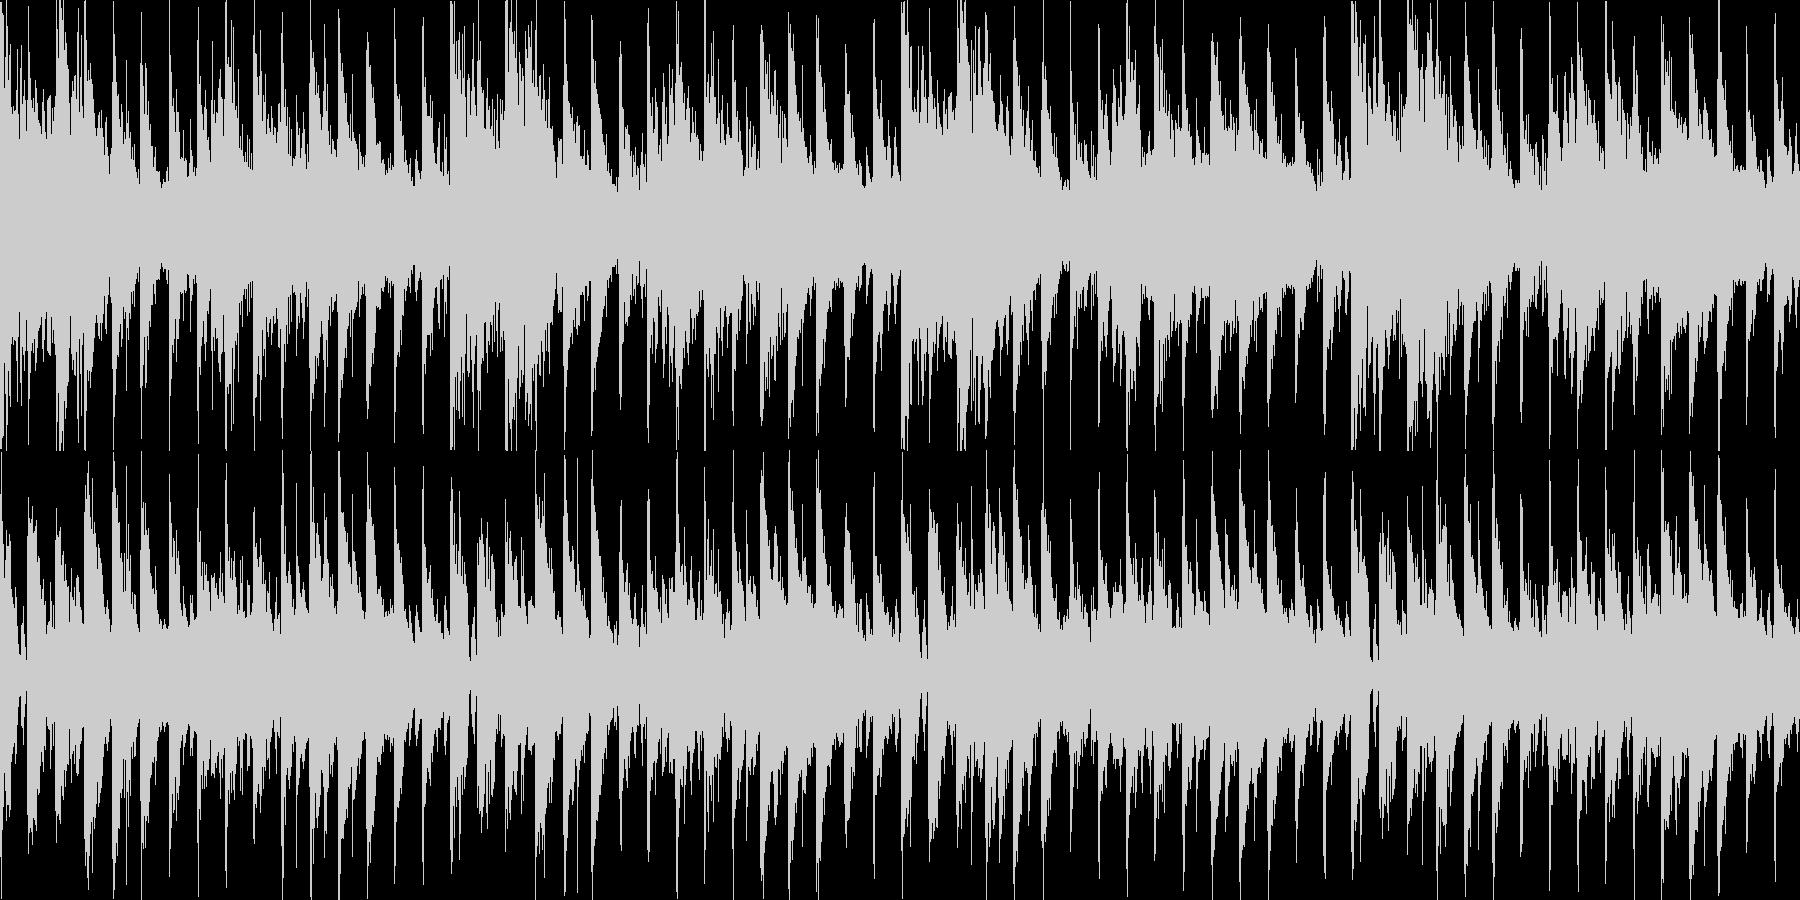 疾走感浮遊感のある宇宙的なEDM系ループの未再生の波形